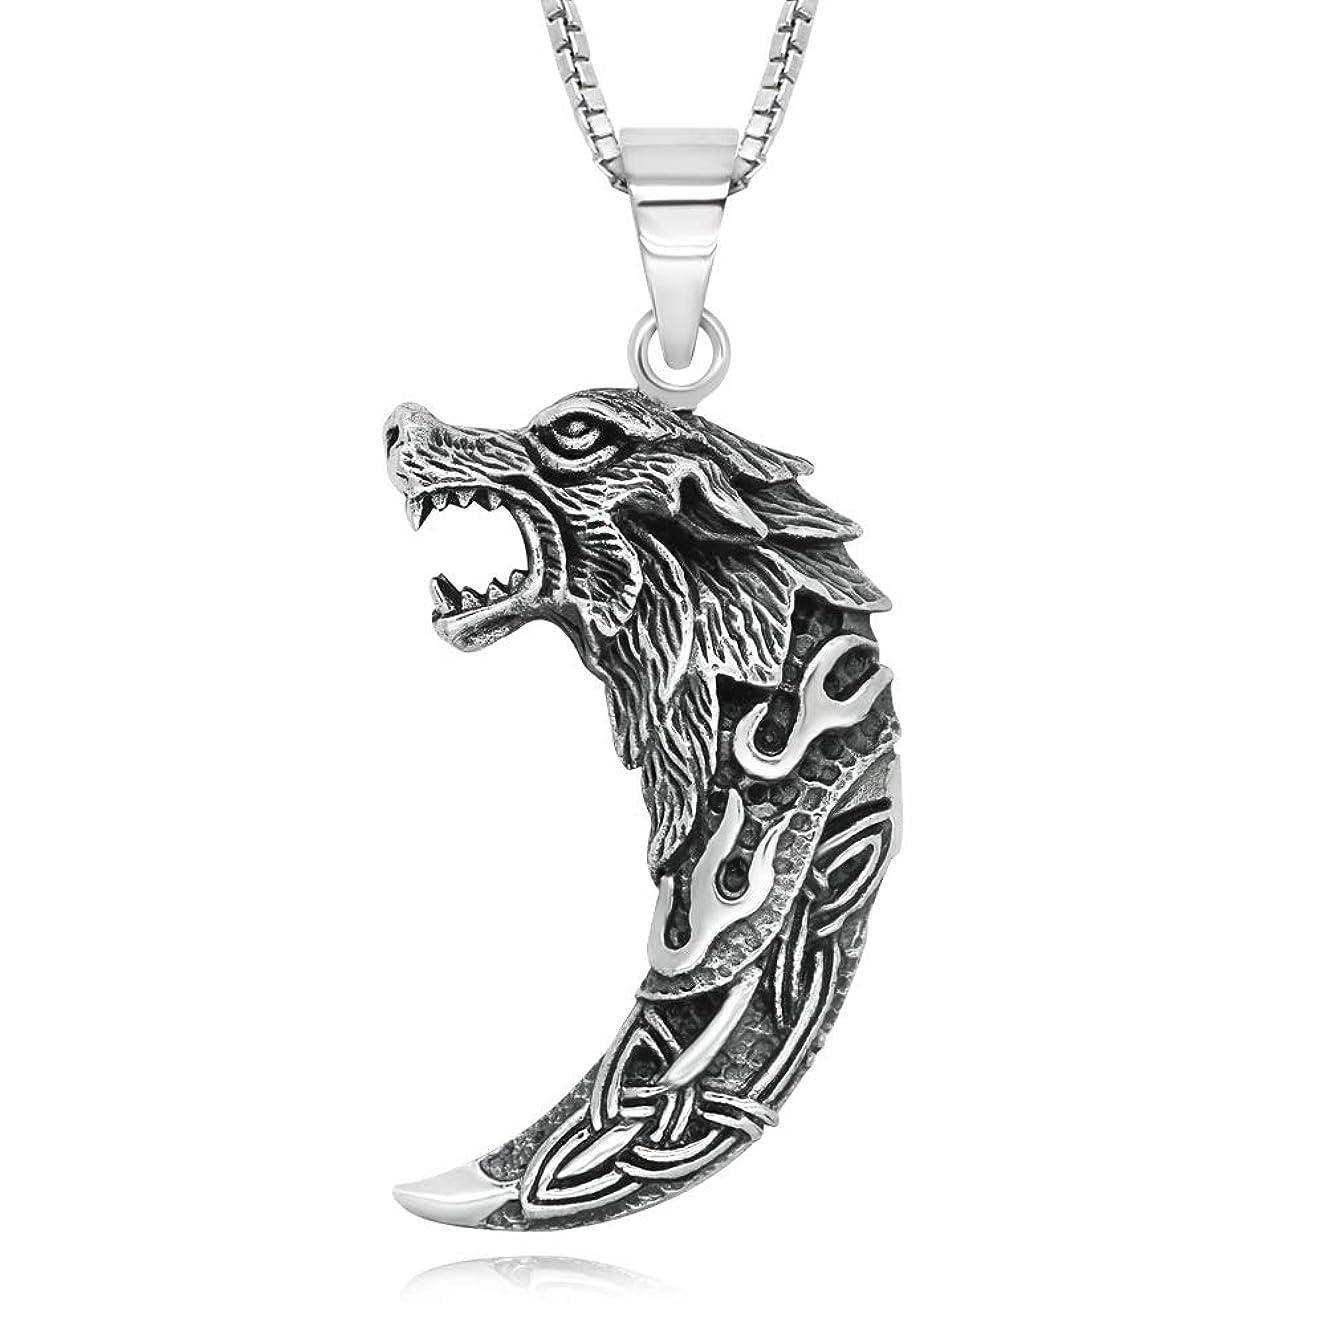 間違いコジオスコ染色925スターリングシルバー ケルト 狼の歯 ペンダントネックレス 18インチ